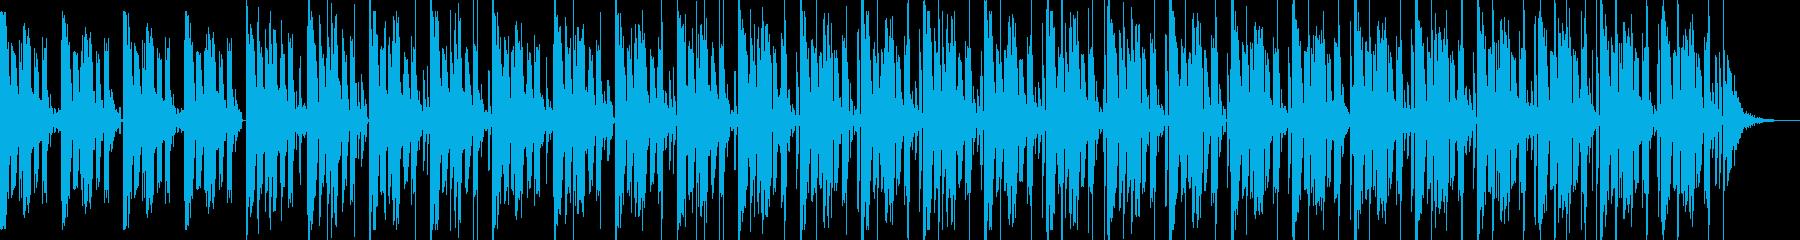 アンビエントな大気シンセパッドとサ...の再生済みの波形